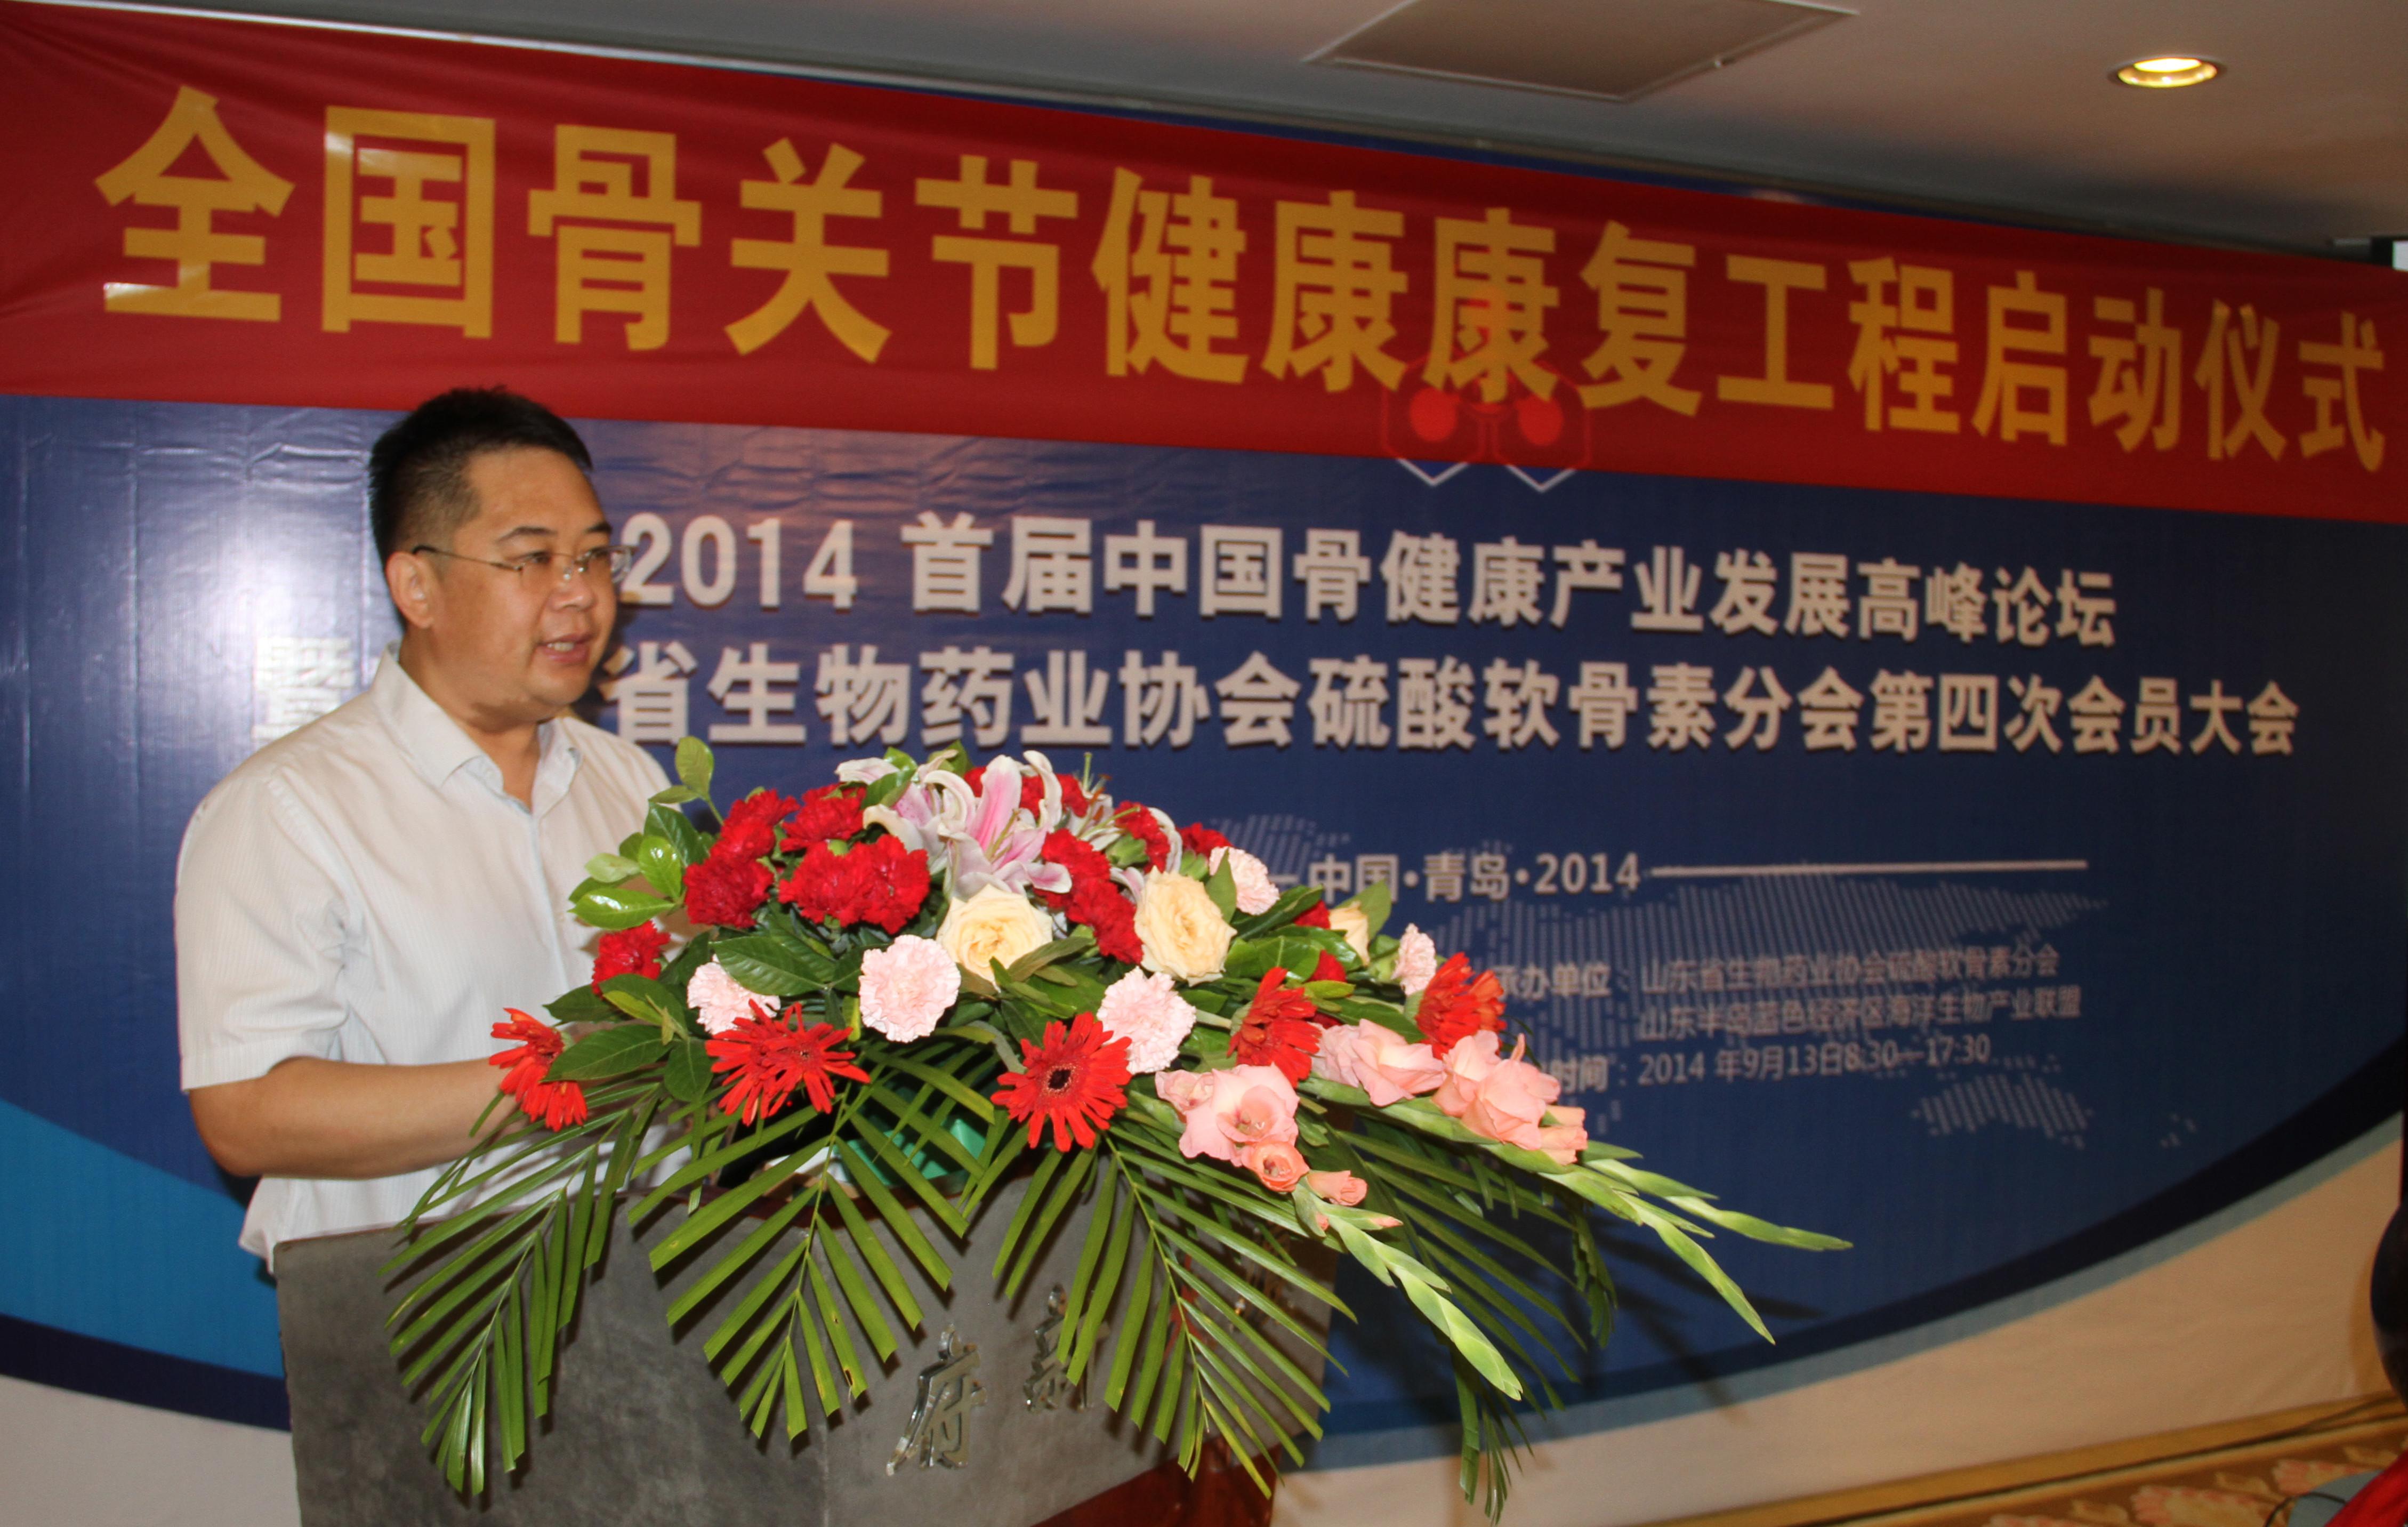 2014首届中国骨健康产业发展高峰论坛盛大开幕